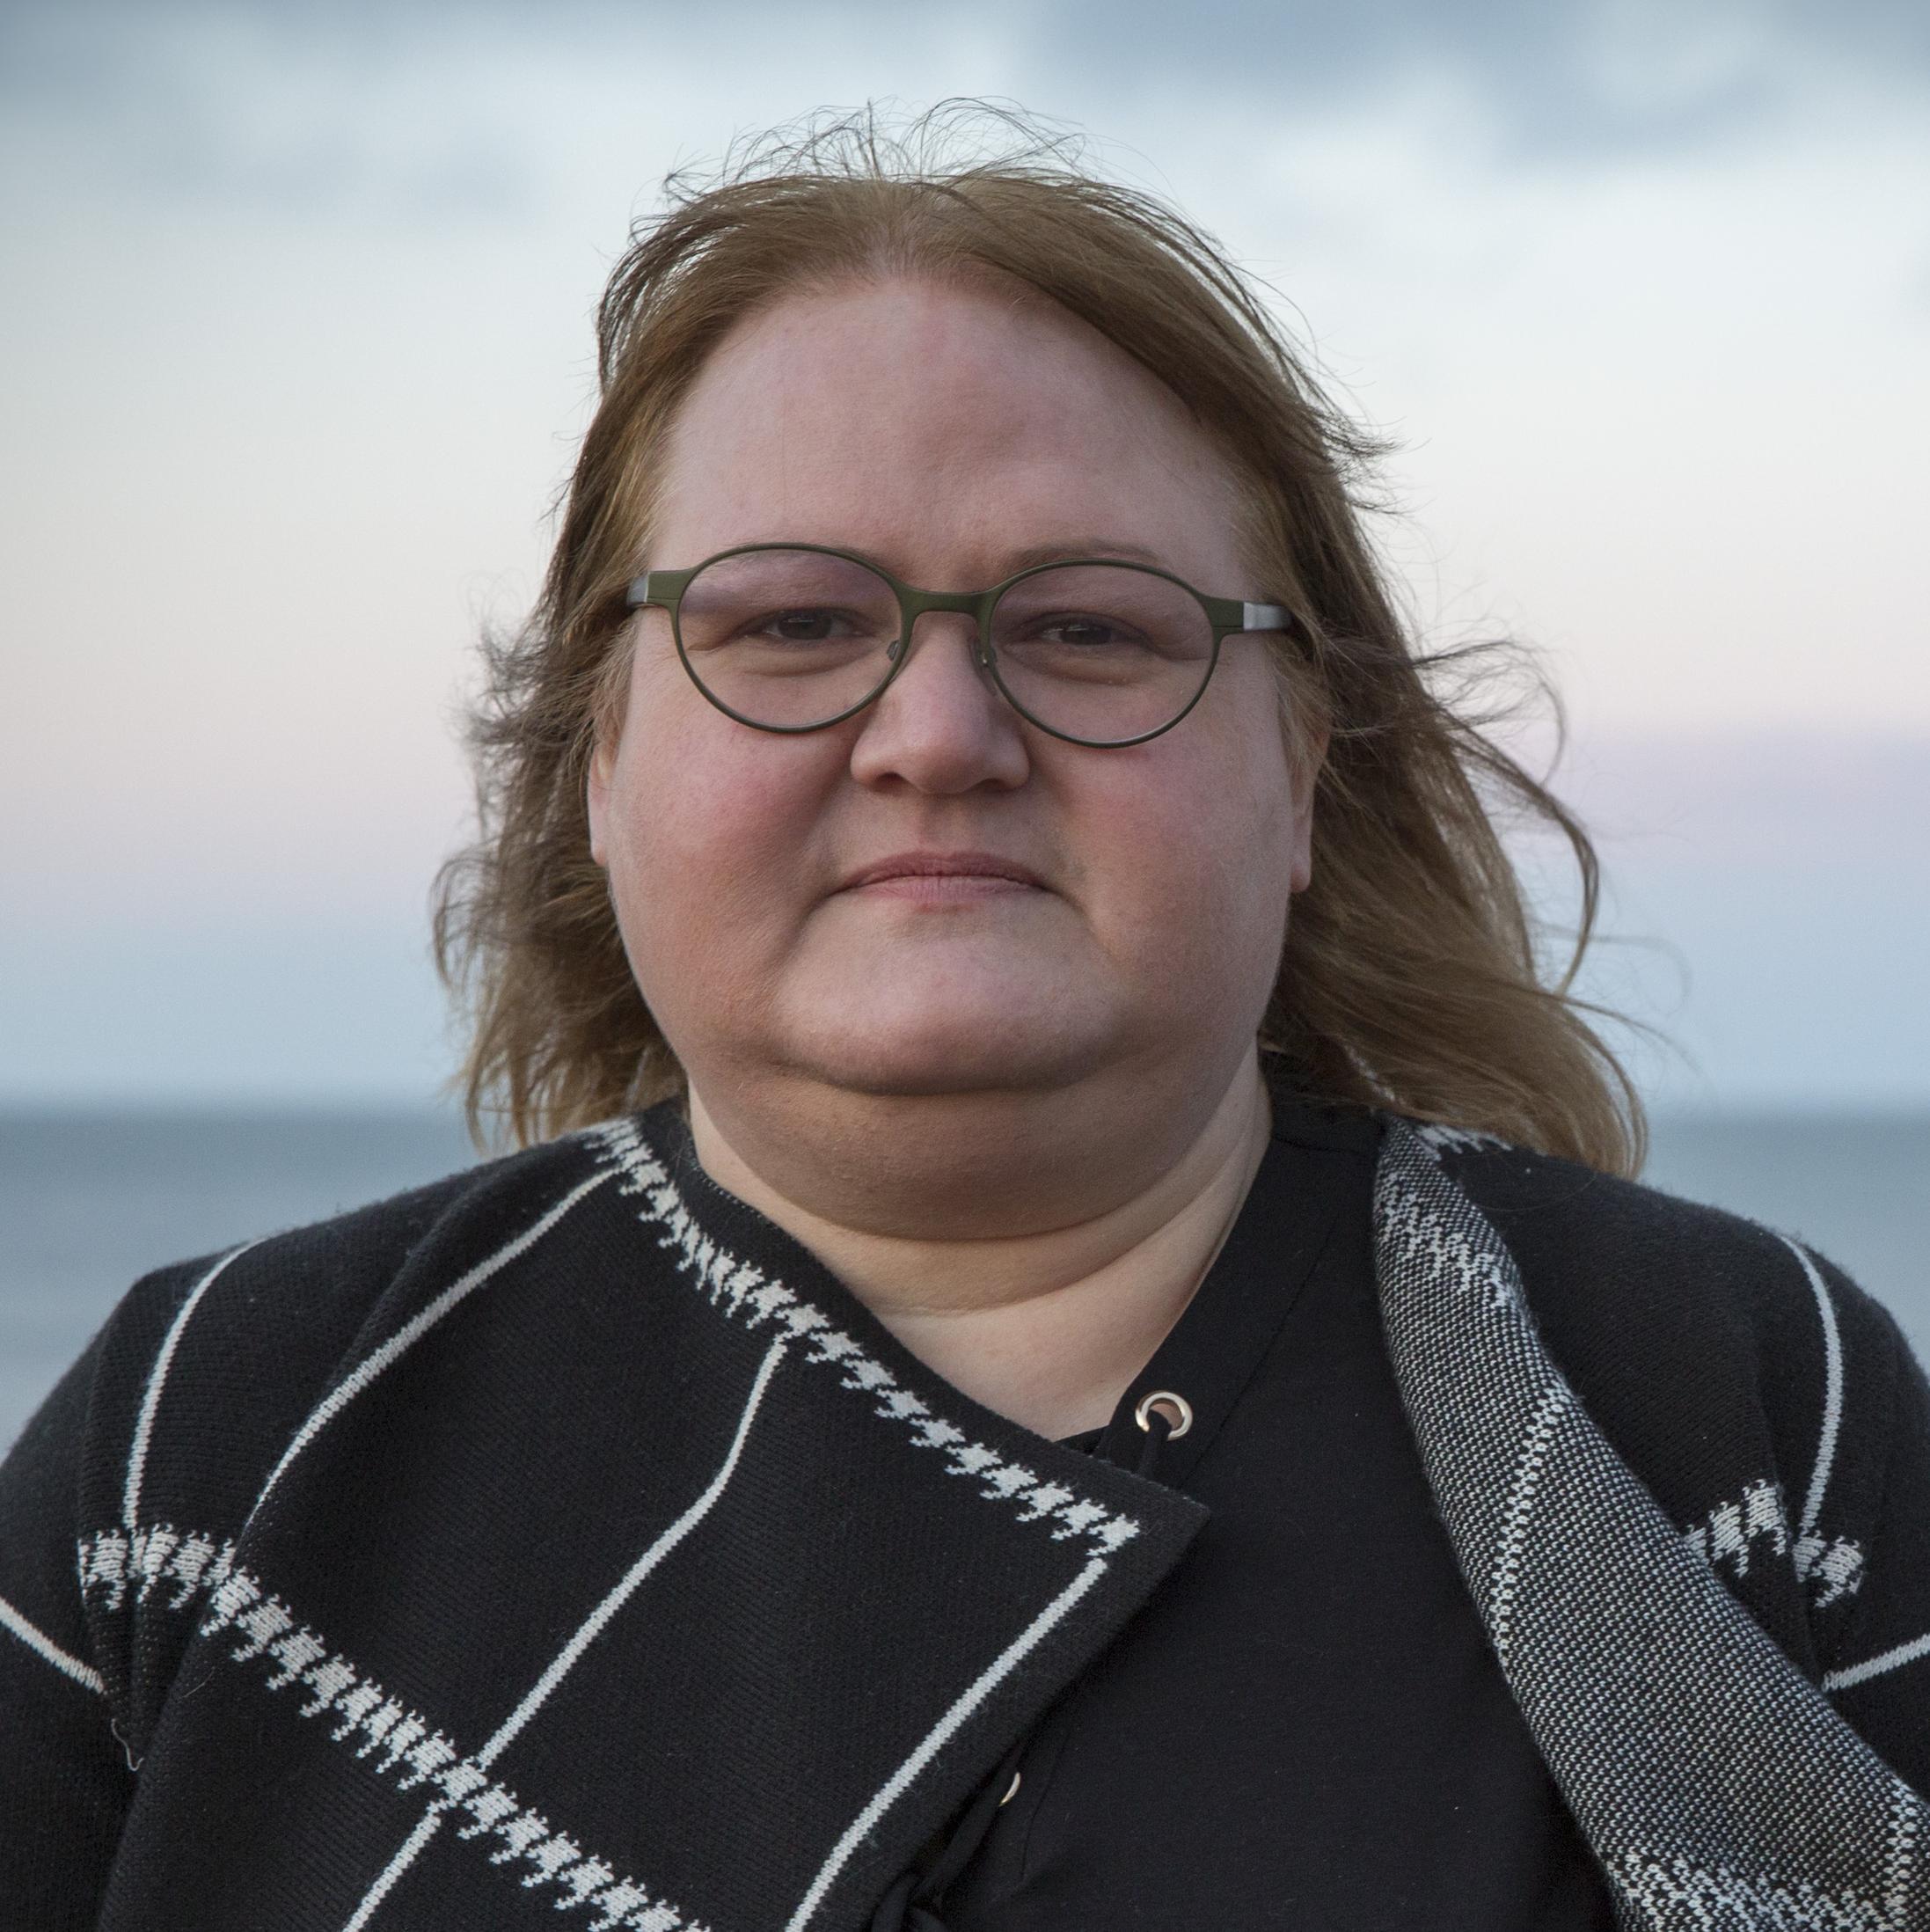 Alison, HMRC